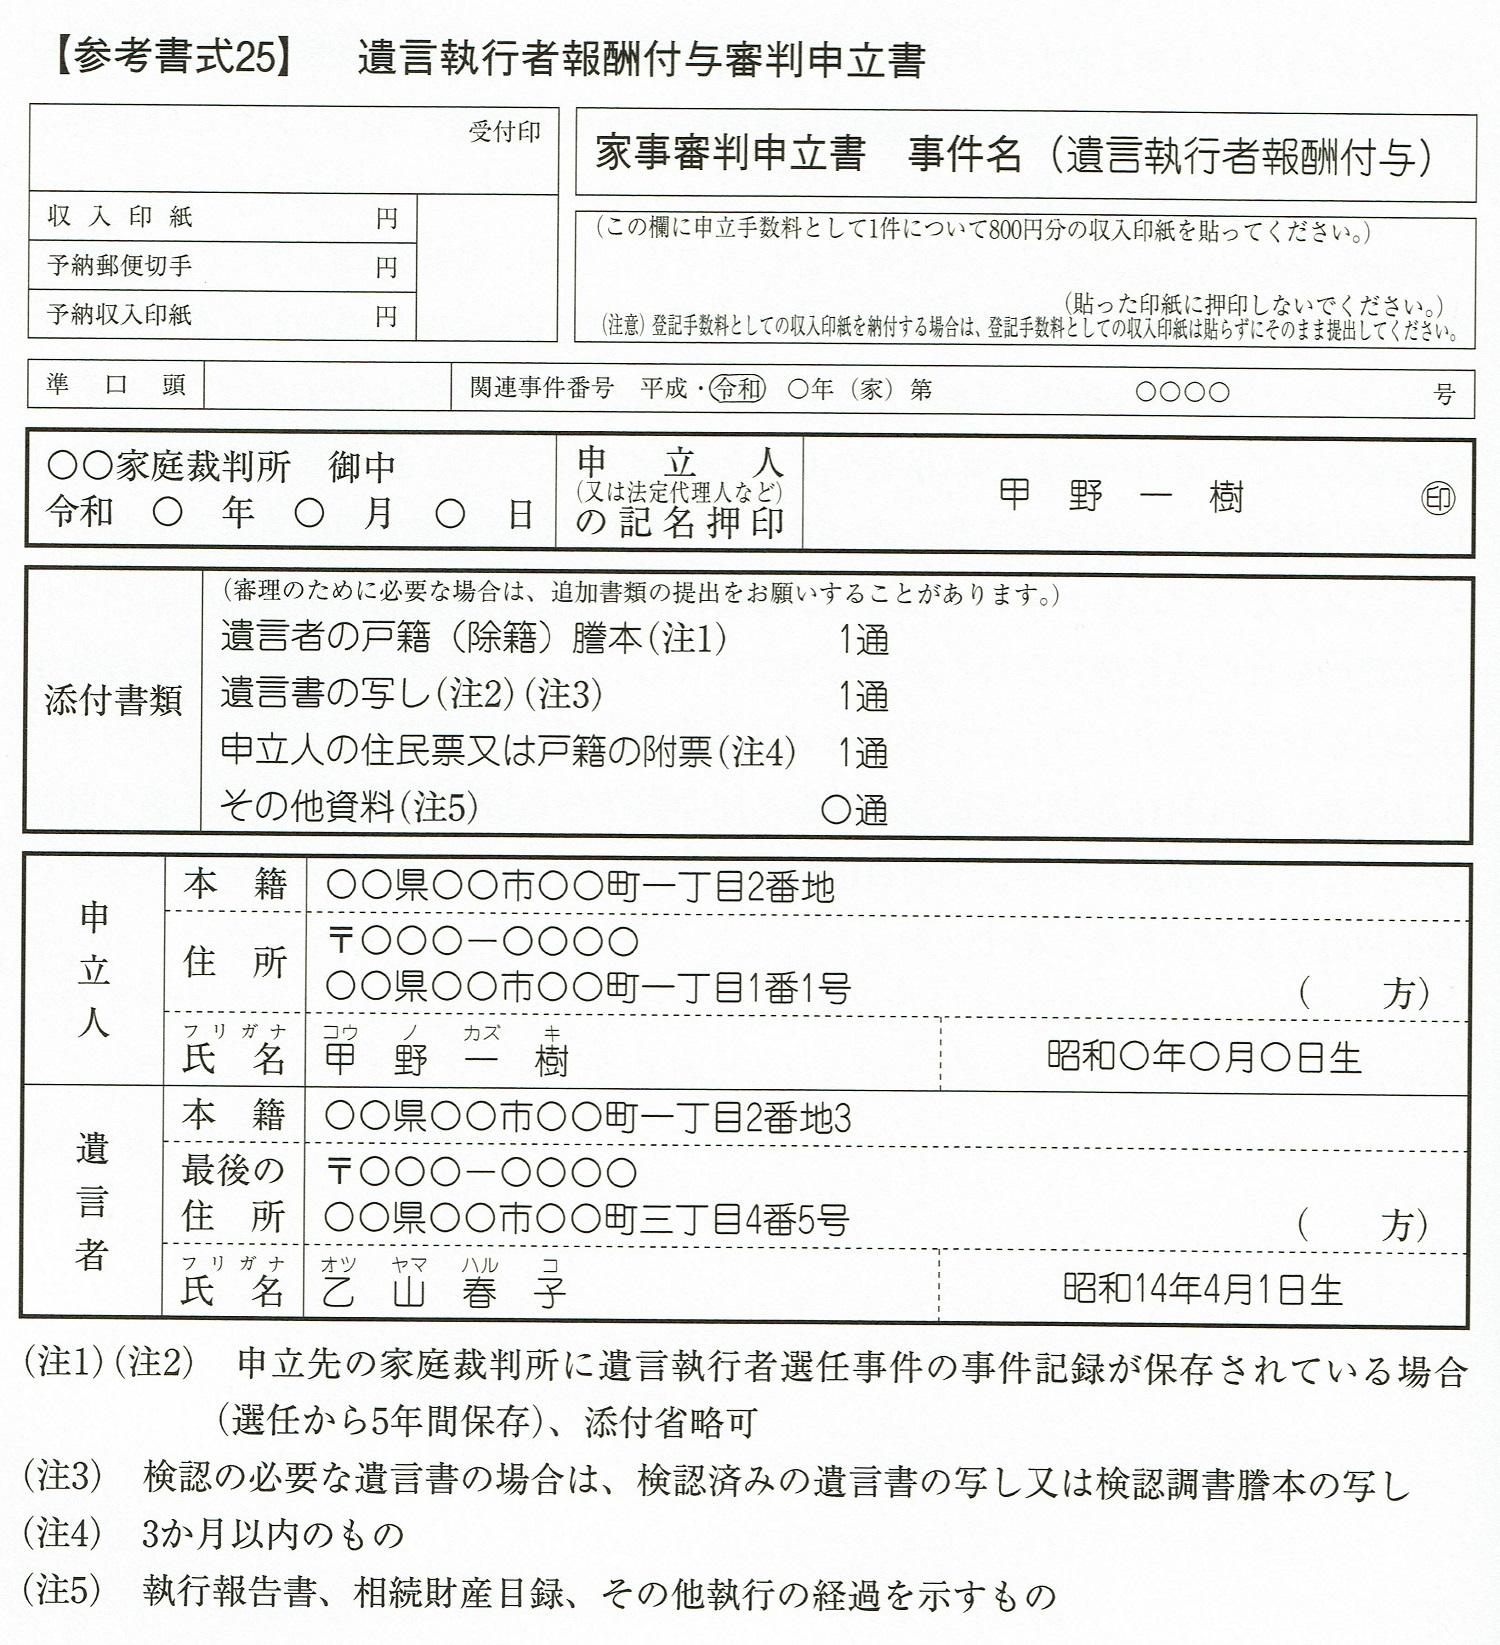 遺言執行者報酬額付与の申立書